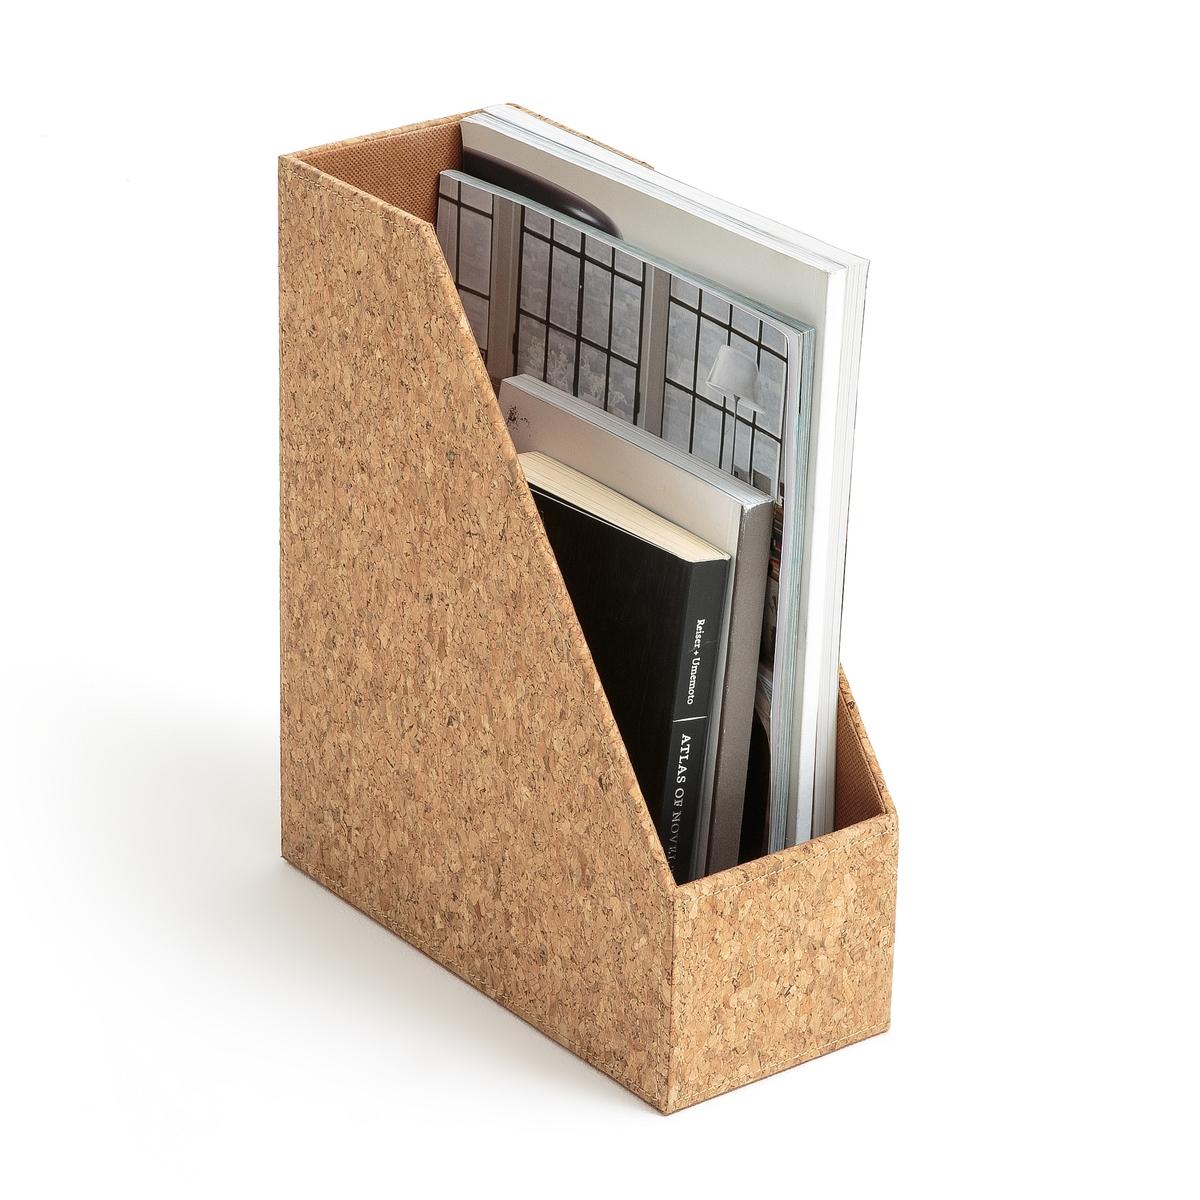 Папка из пробкиОписание:Папка из пробки . Из натурального материала, очень удобна для размещения ваших документов .Описание папки: Папка из пробки каркас из картонаПодкладка из полиэстера Размеры :H30 x 25 x 11 см Расцветка : Натуральная Размеры и вес упаковки :27 x 13,5 x 33 см 1,3 кг<br><br>Цвет: серо-бежевый<br>Размер: единый размер